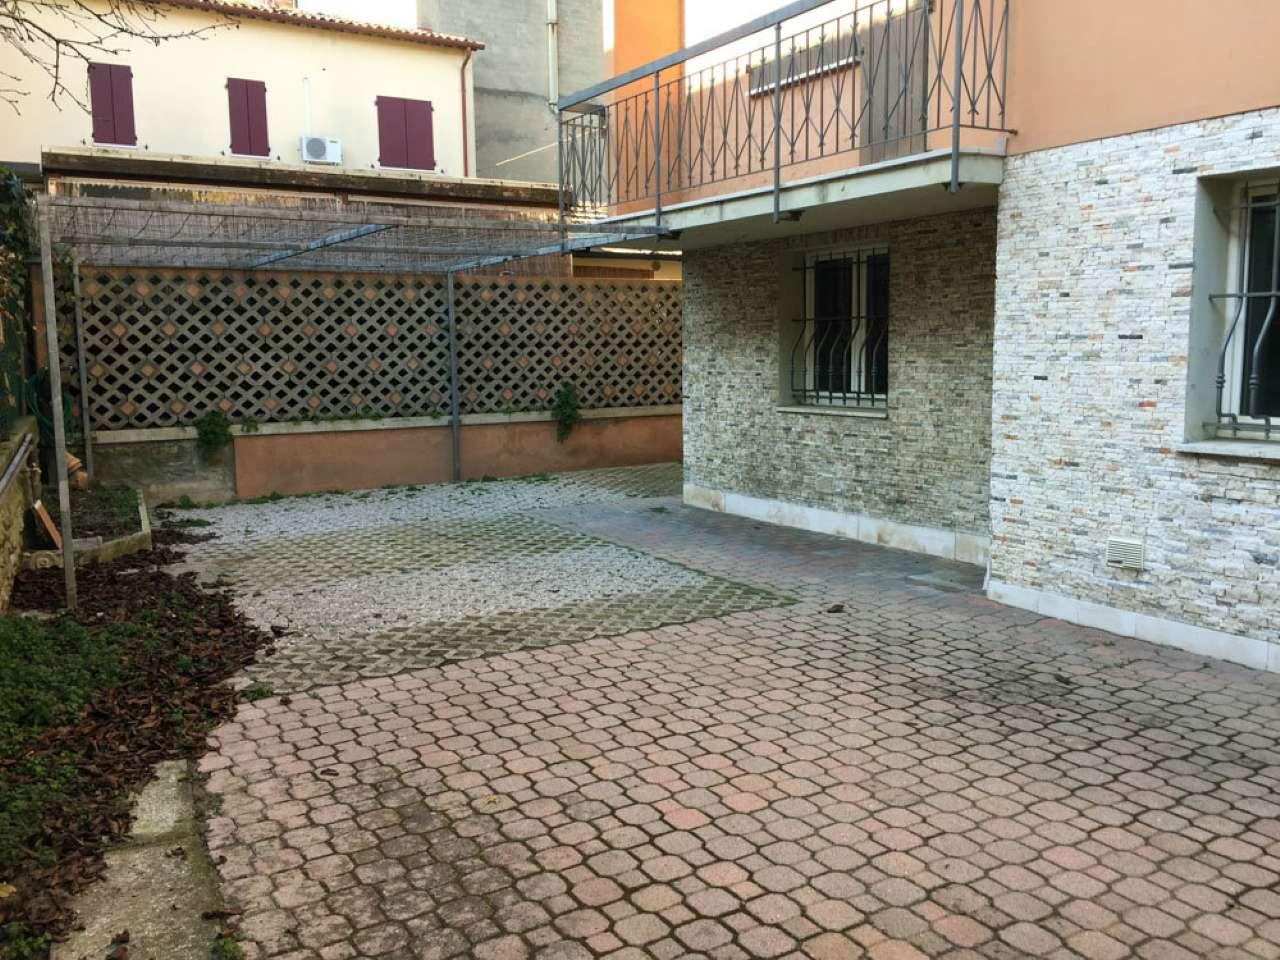 Soluzione Indipendente in vendita a Ravenna, 12 locali, prezzo € 340.000 | Cambio Casa.it